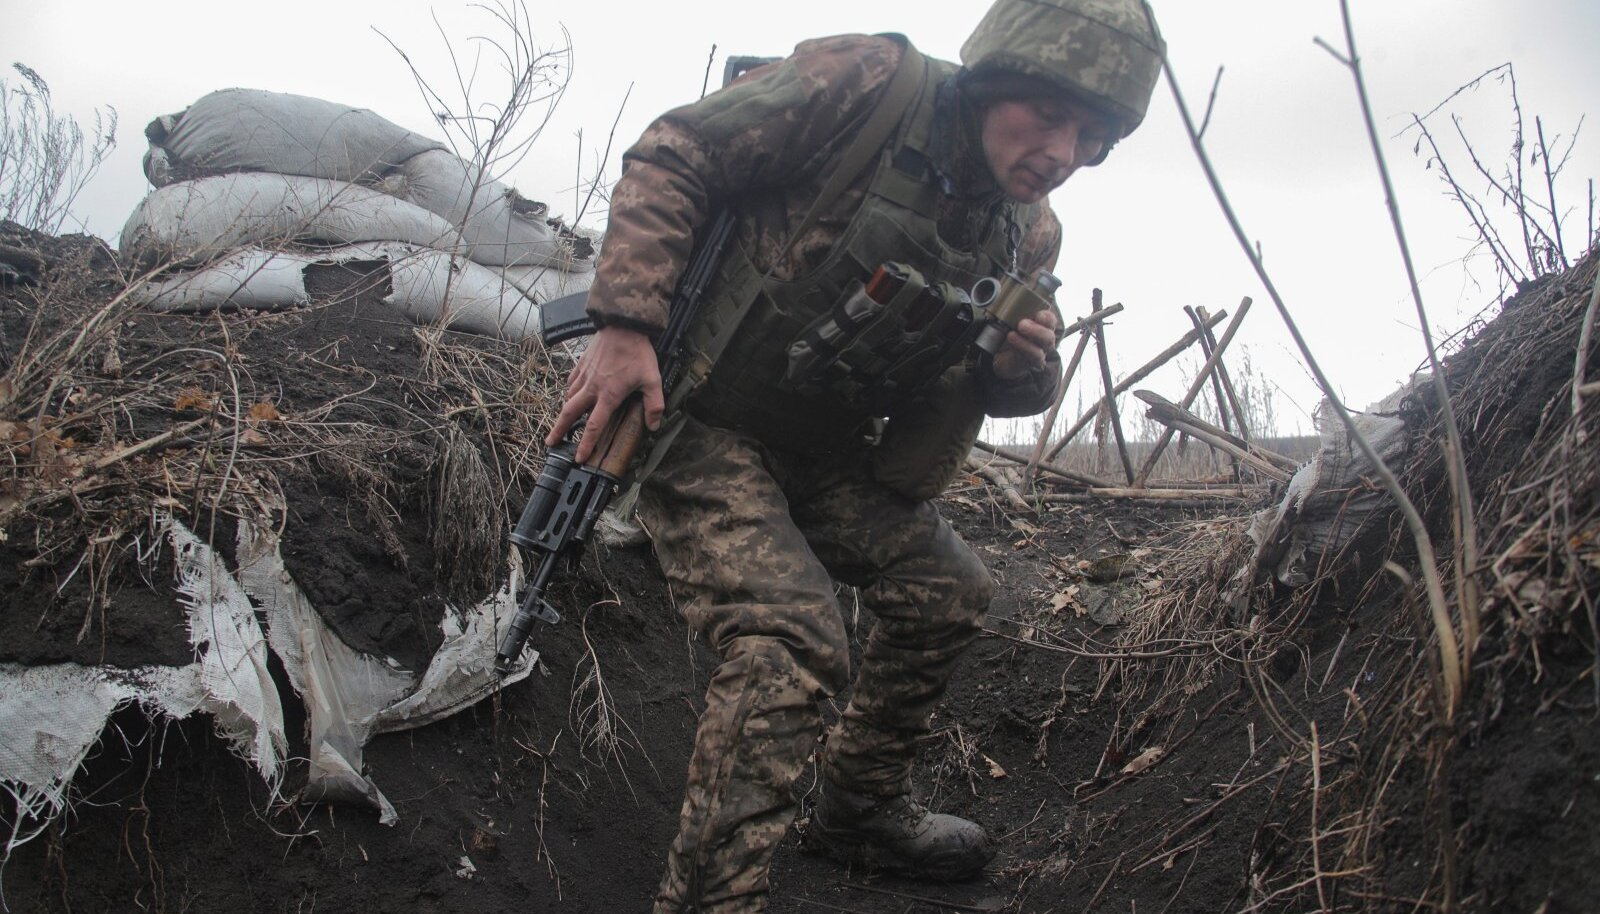 OOTUS: Ukraina sõdur Donetski kandis 3. aprillil. Viimati oli suurem tulistamine 26. märtsil Šuma küla juures, kus sai surma neli ukrainlast. Ukraina ülemraada võttis üle-eelmisel nädalal vastu seaduse, mis lubab reserviste sõtta kutsuda mobilisatsiooni välja kuulutamata. Sõditakse, aga justkui sõjaolukorrata. Uus normaalsus?